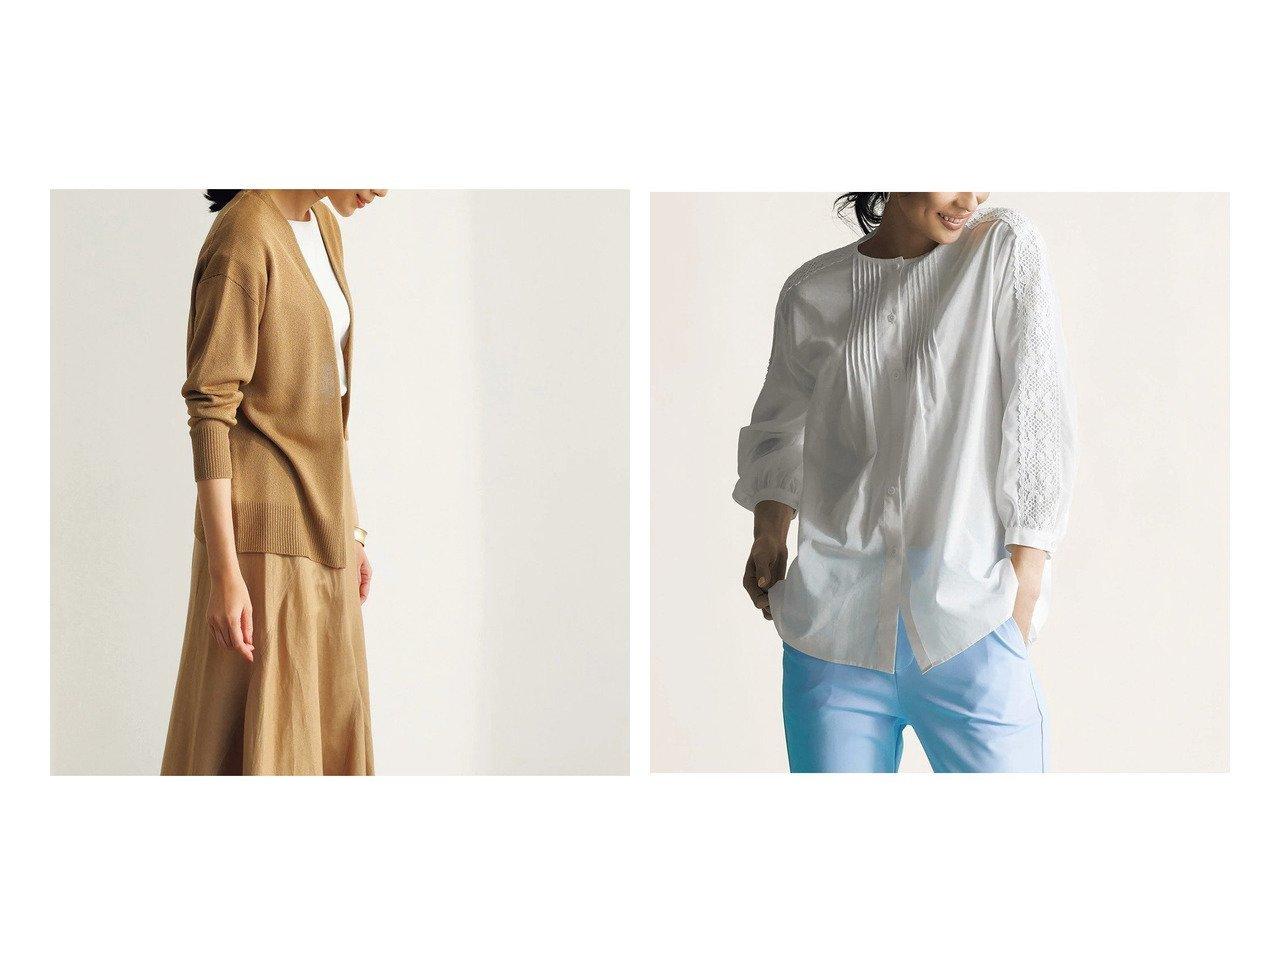 【DoCLASSE/ドゥクラッセ】のイタリア糸・着流しカーディガン&エアリーコットン・ピンタックレースブラウス 40代、50代の女性におすすめ!人気トレンド・ファッションの通販 おすすめで人気の流行・トレンド、ファッションの通販商品 メンズファッション・キッズファッション・インテリア・家具・レディースファッション・服の通販 founy(ファニー) https://founy.com/ ファッション Fashion レディースファッション WOMEN トップス・カットソー Tops/Tshirt カーディガン Cardigans シャツ/ブラウス Shirts/Blouses イタリア カーディガン スタイリッシュ レース |ID:crp329100000028124